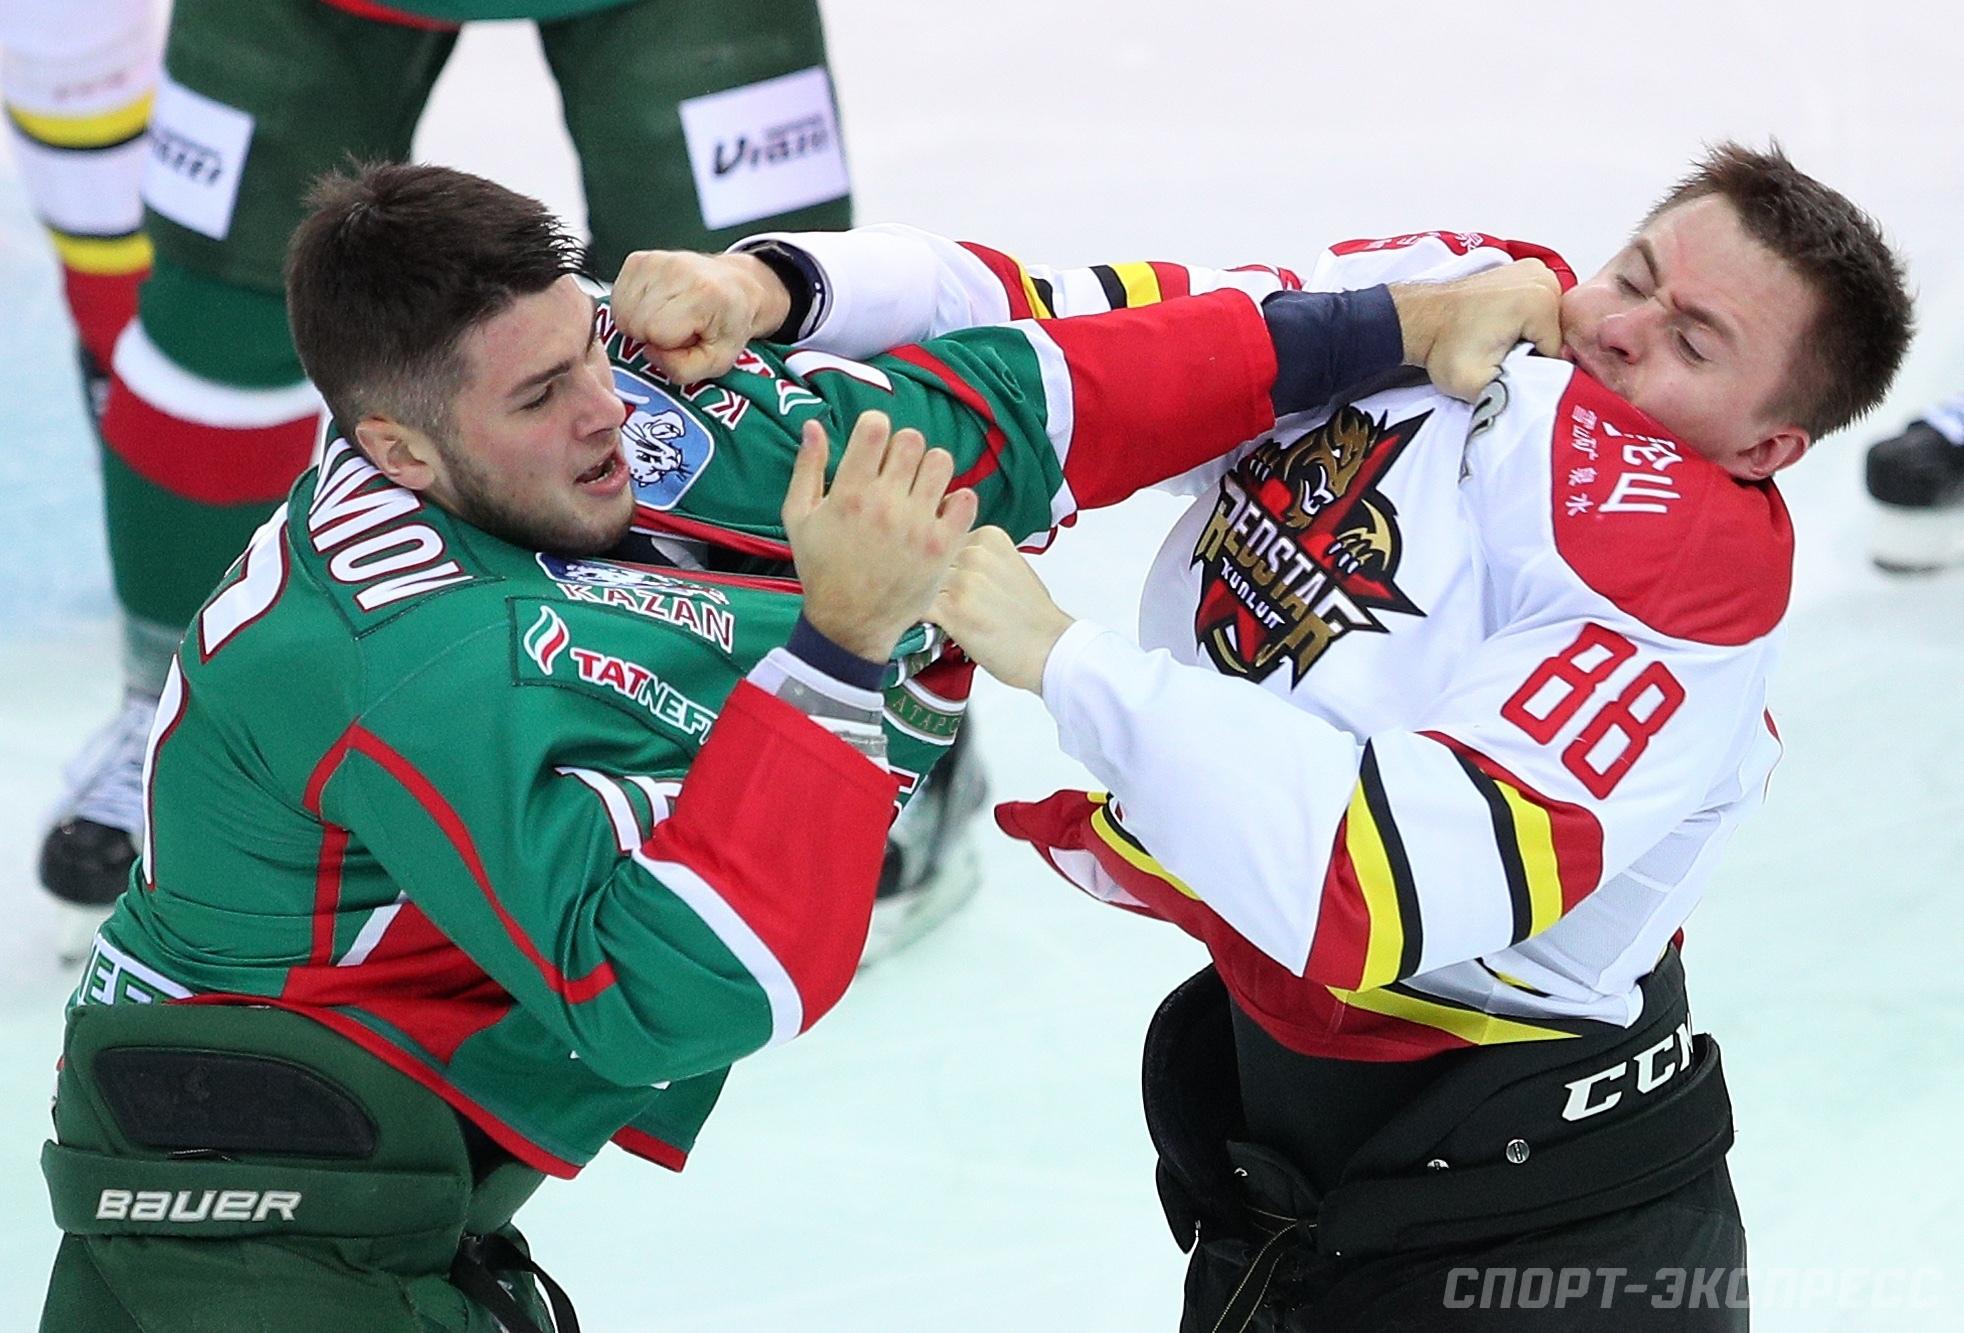 Прогноз на КХЛ: Ак Барс – Куньлунь РС – 26 сентября 2018 года